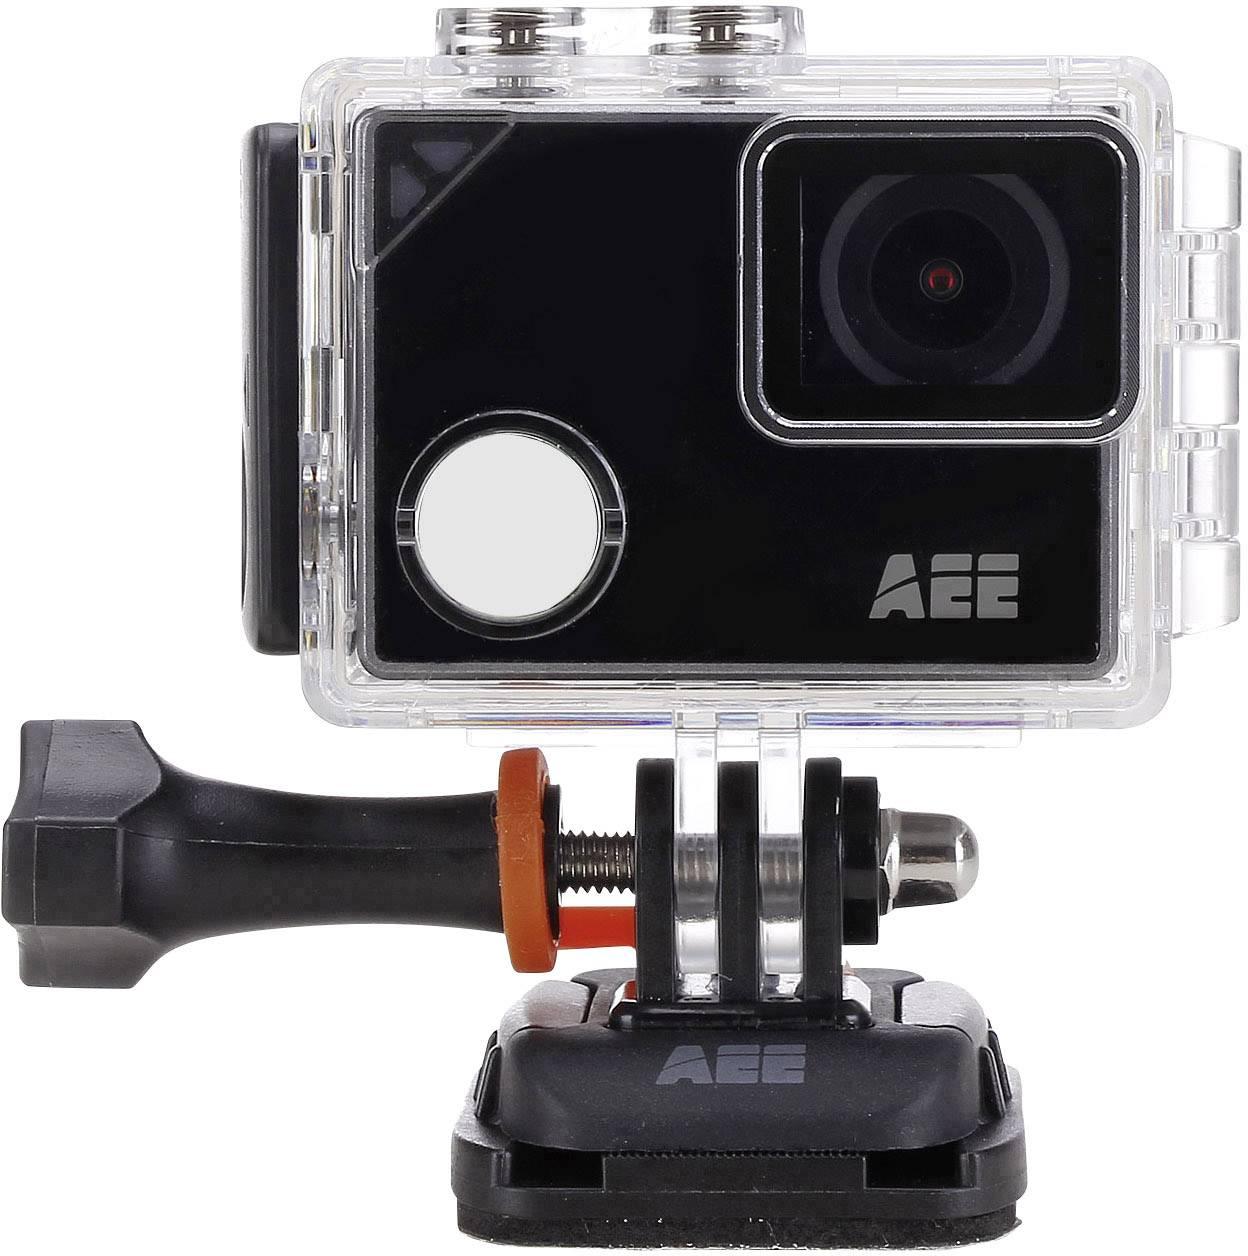 Sportovní outdoorová kamera AEE Lyfe Silver 4K (Ultra HD), Wi-Fi, dotyková obrazovka